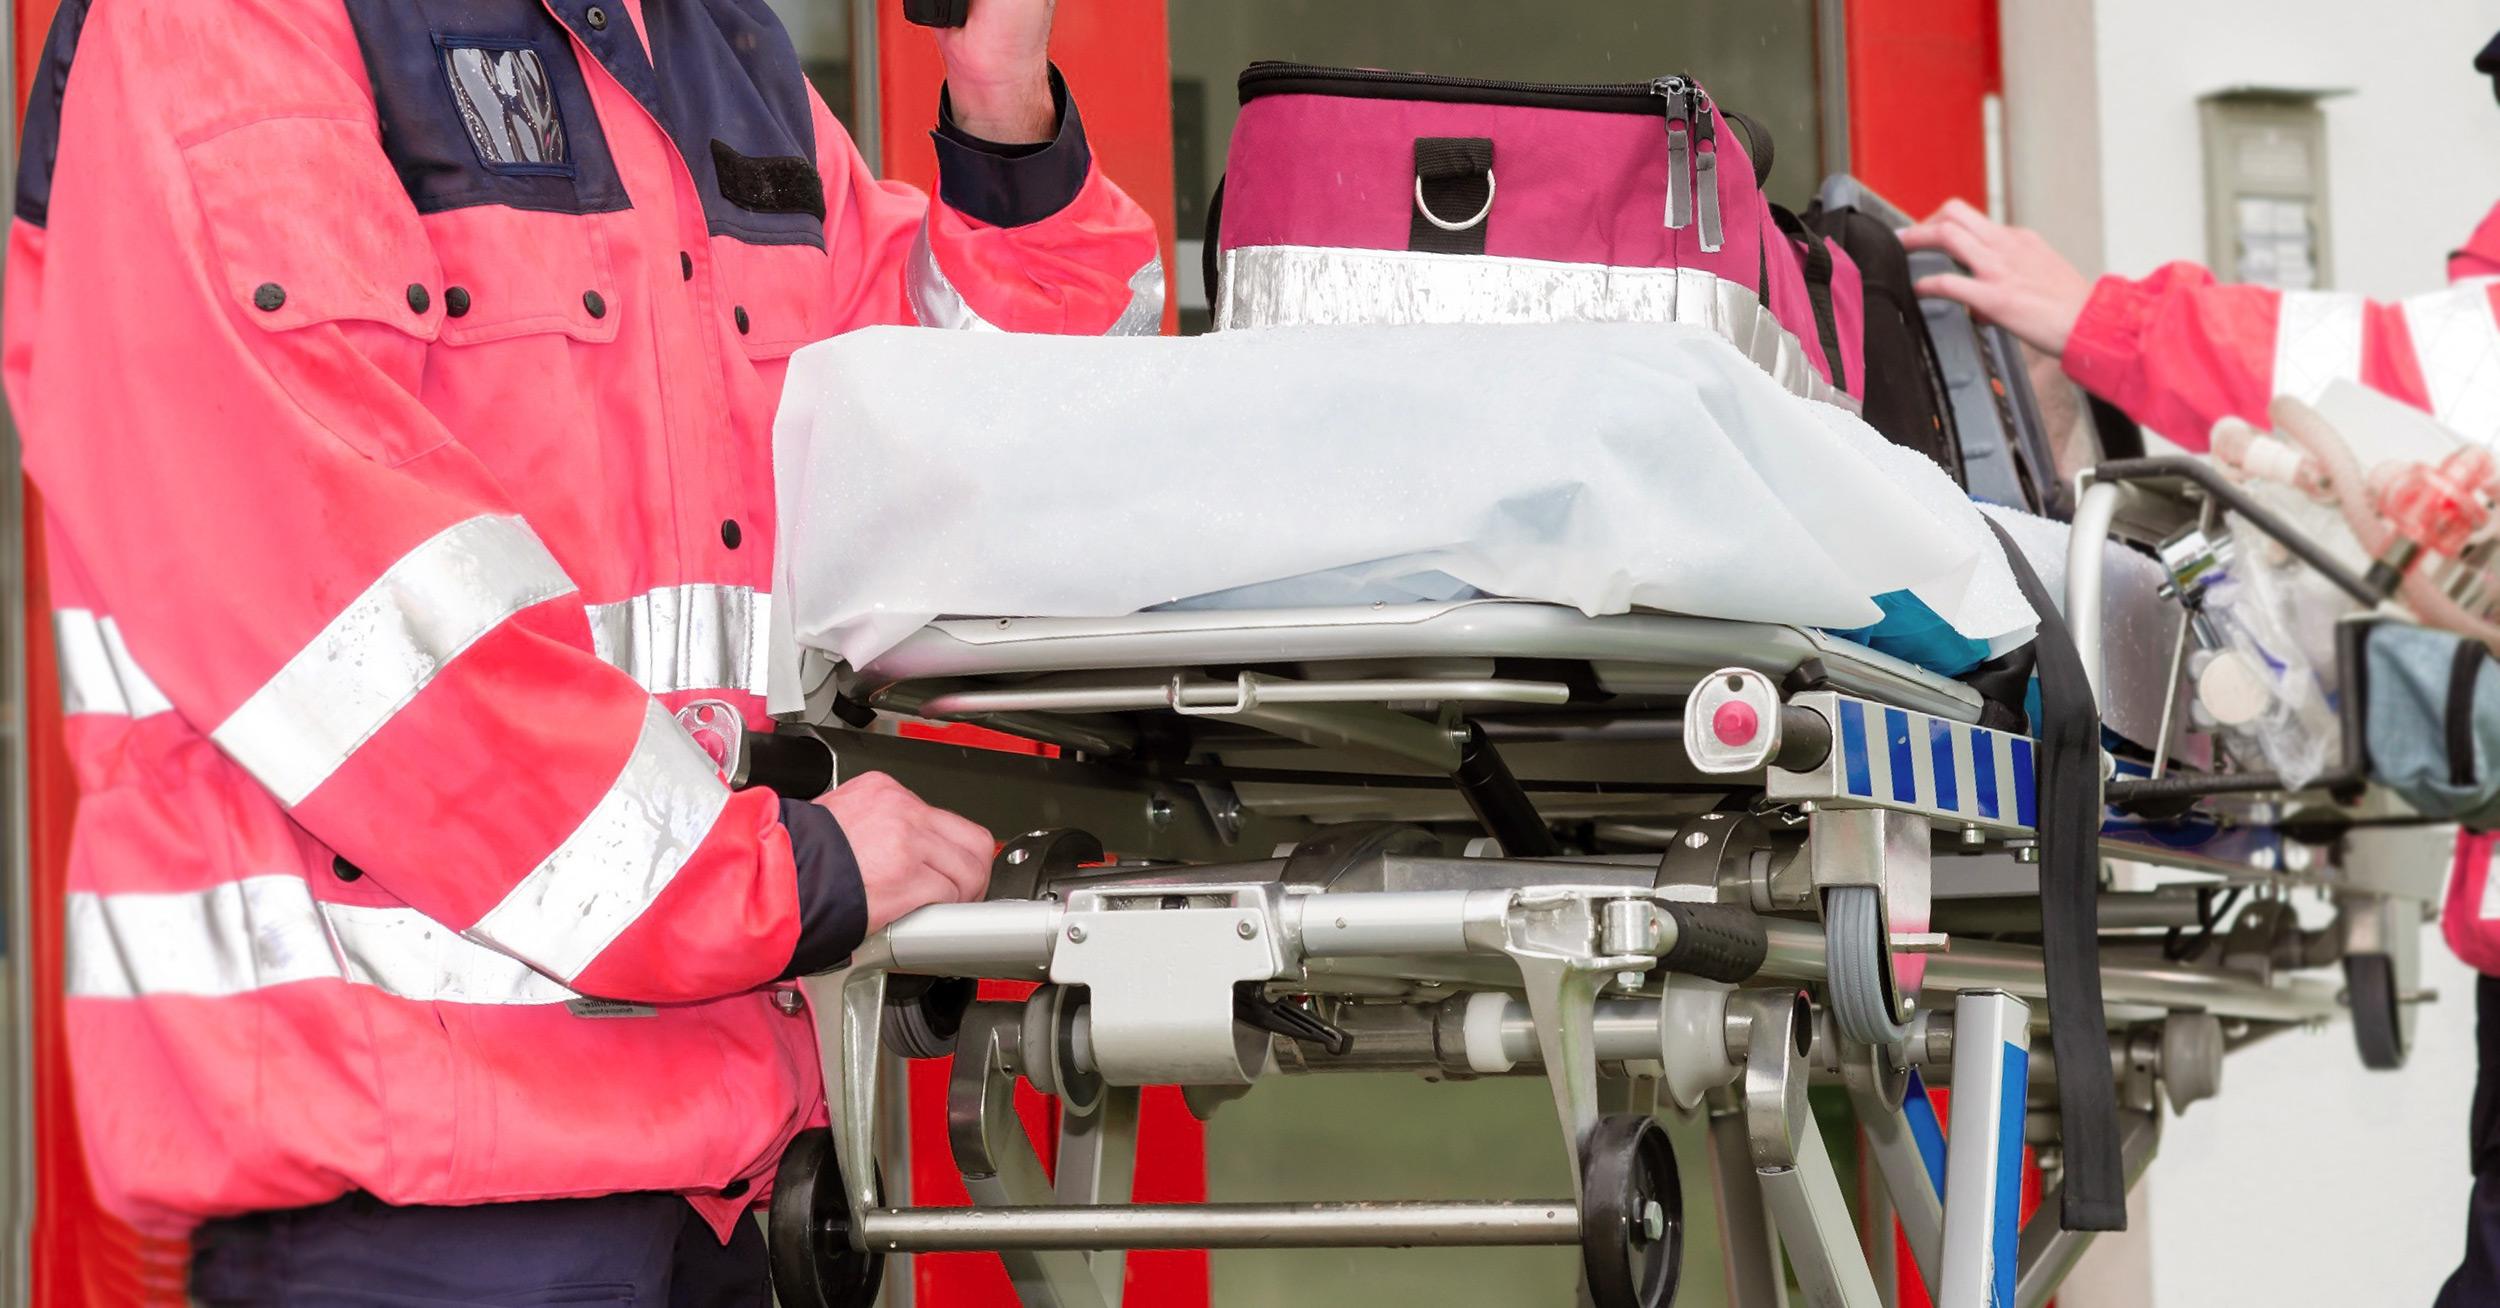 CMS 855B Enrollment Best Practices for Ambulance Billing